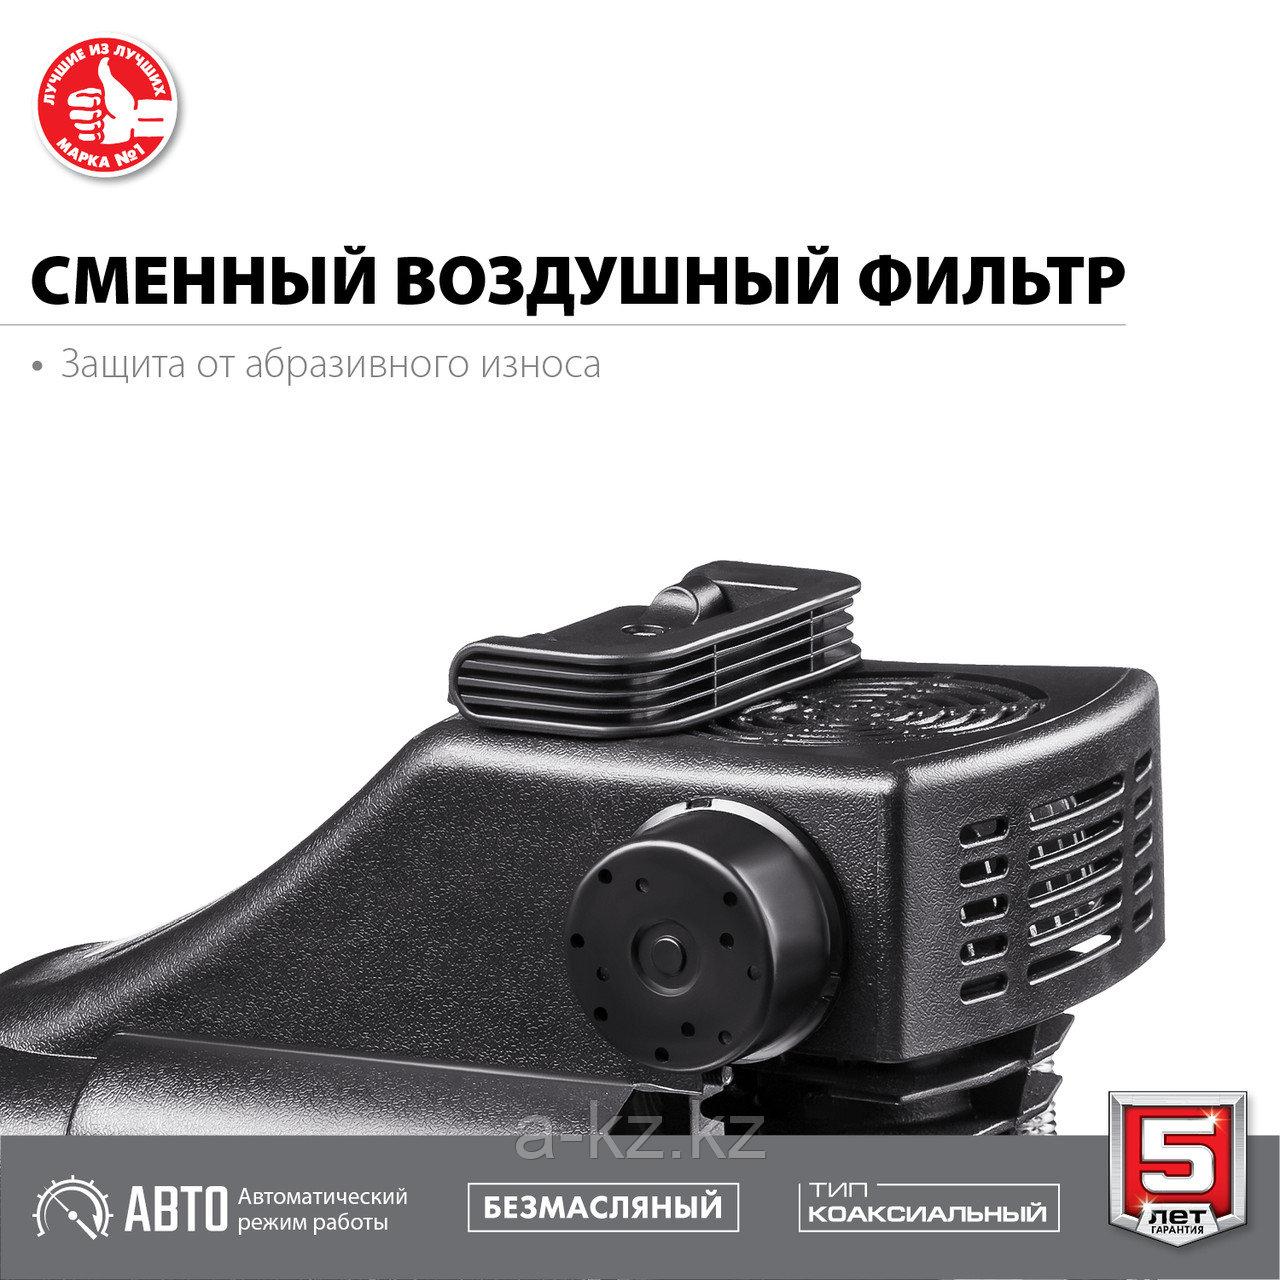 Компрессор воздушный безмасляный, 200 л/мин, 6 л, 1500 Вт, ЗУБР - фото 5